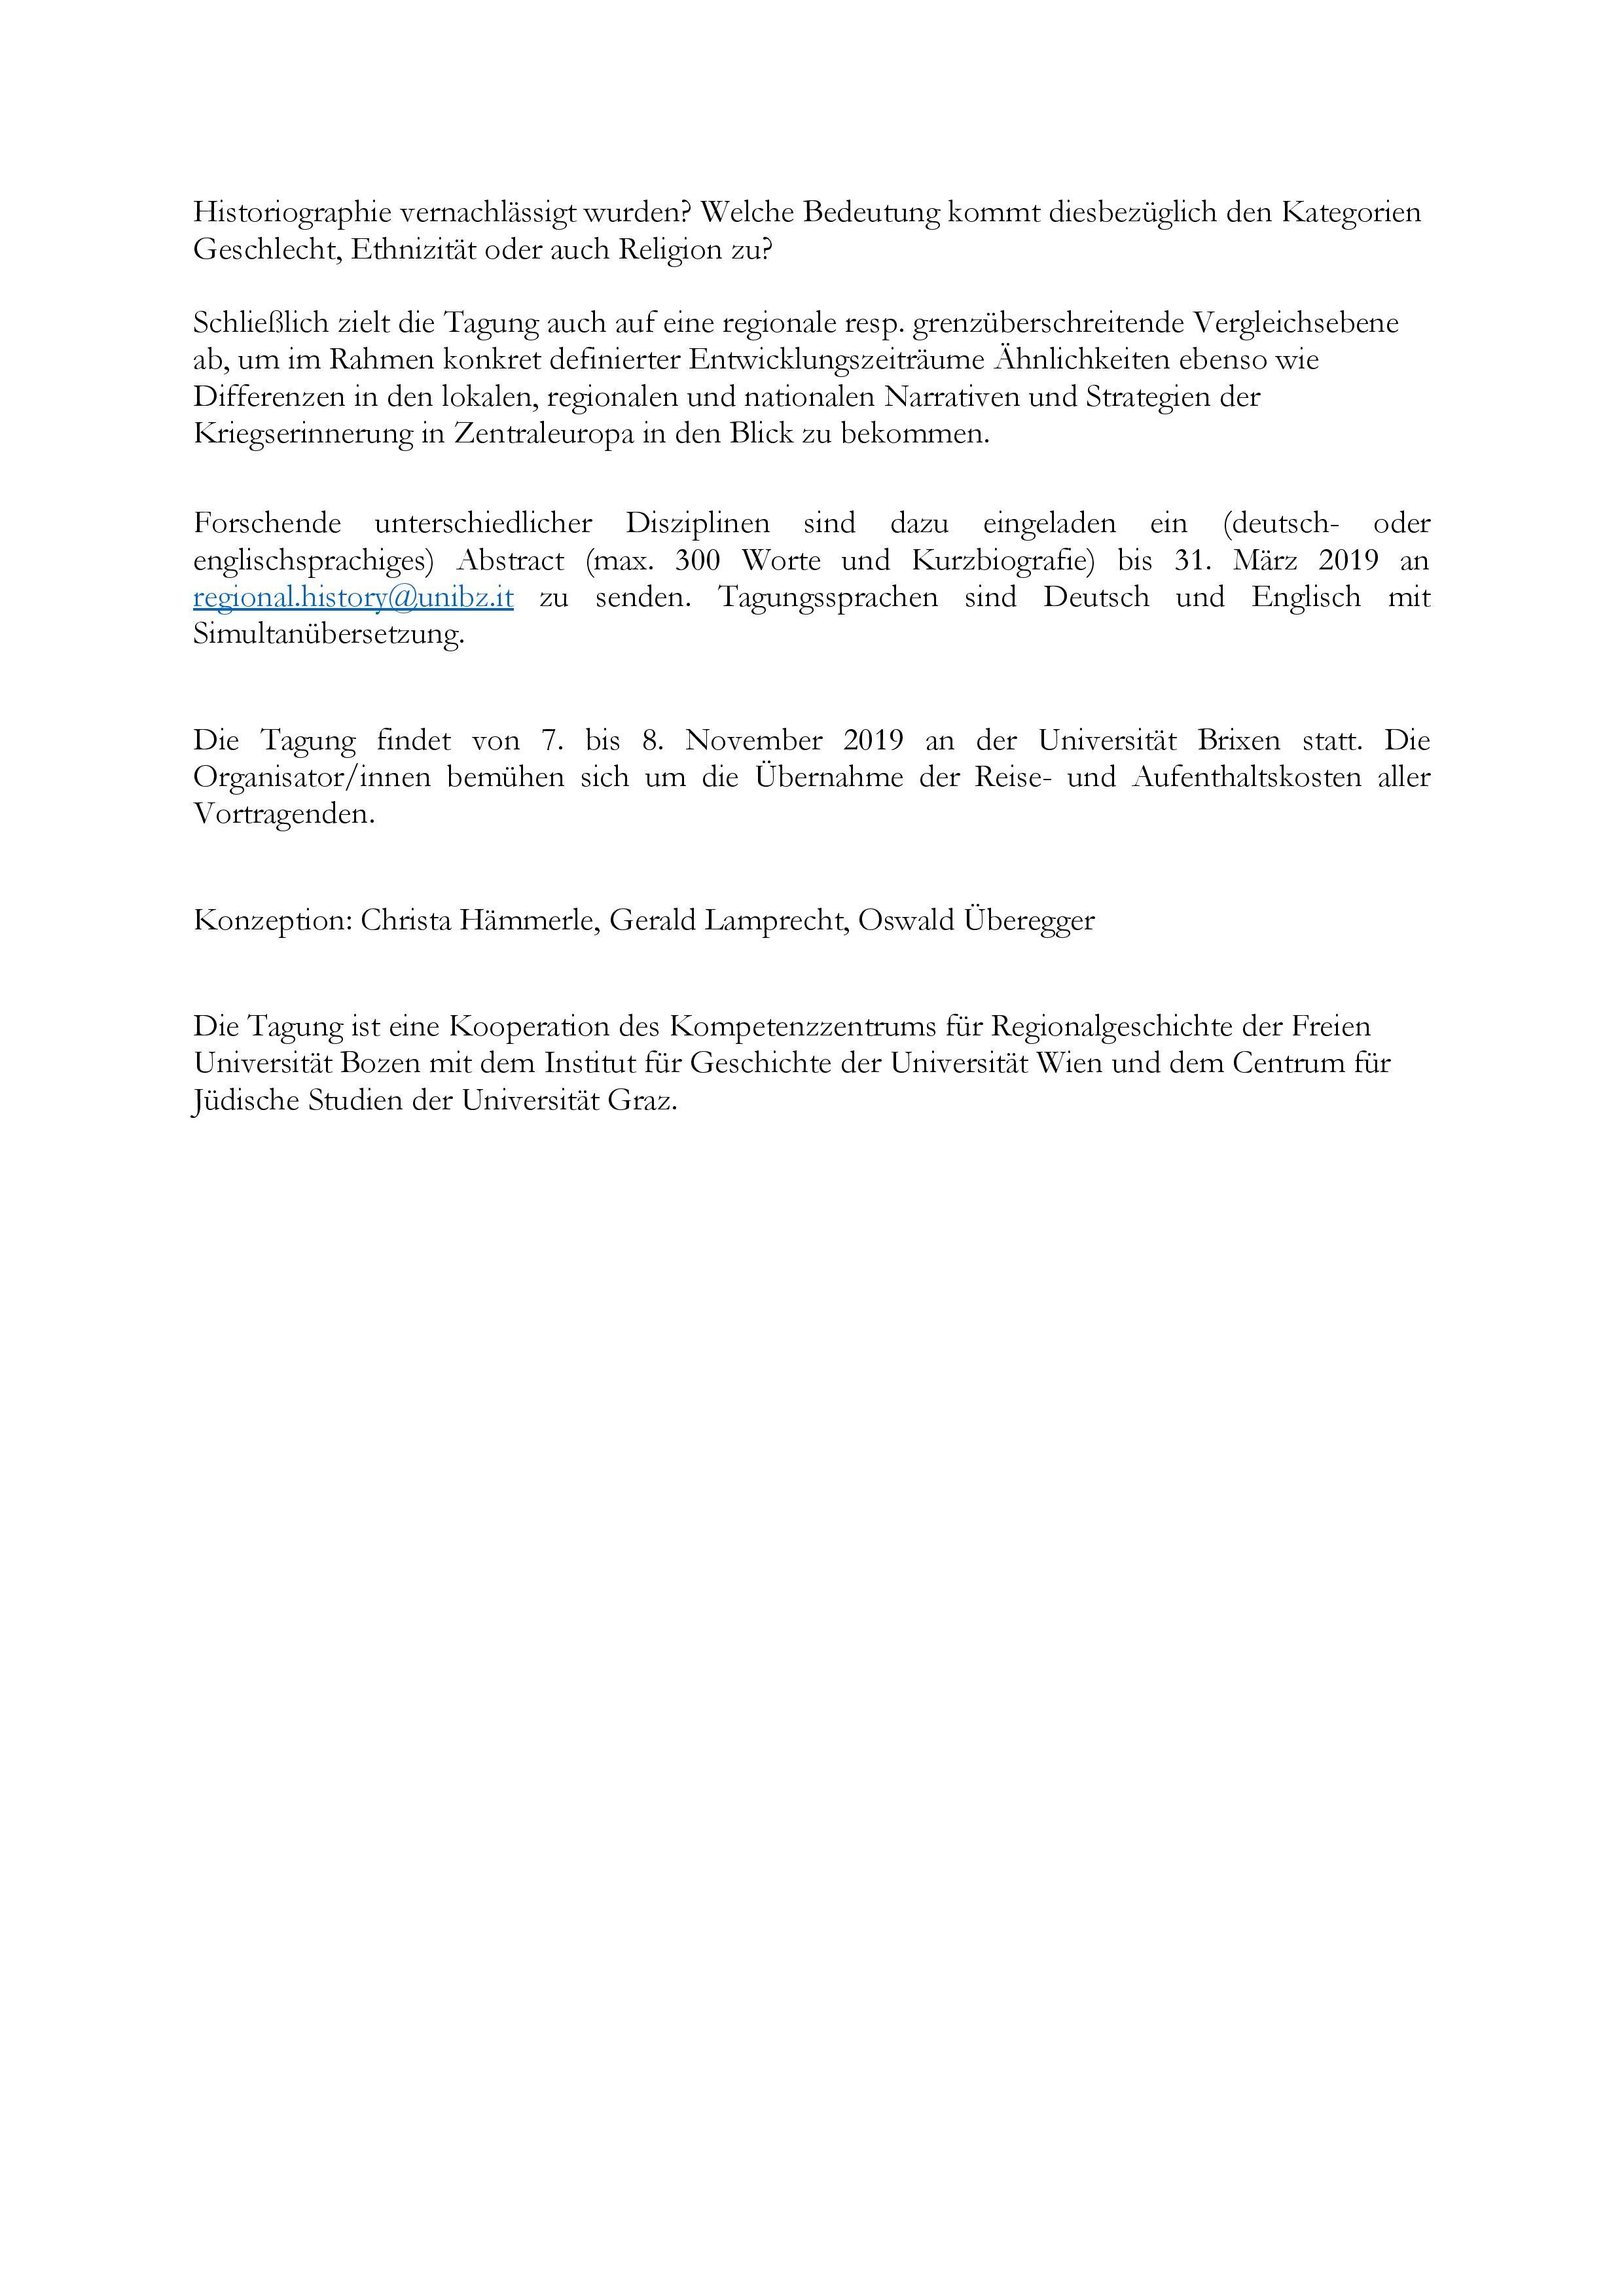 cfp_kriegserinnerung_final-page-002